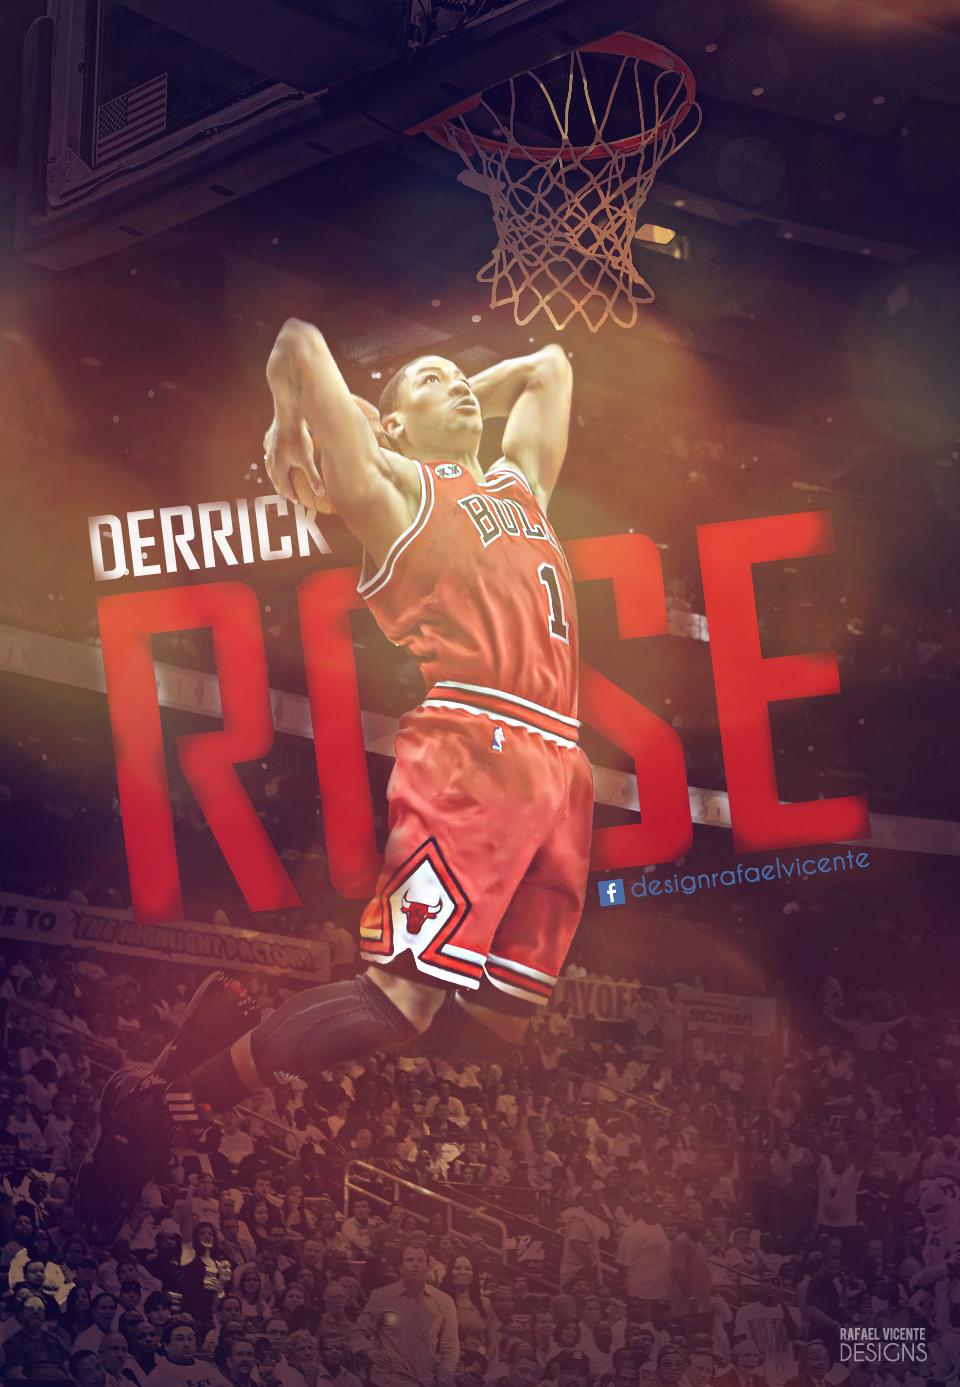 derrick rose wallpaper dunk - photo #13